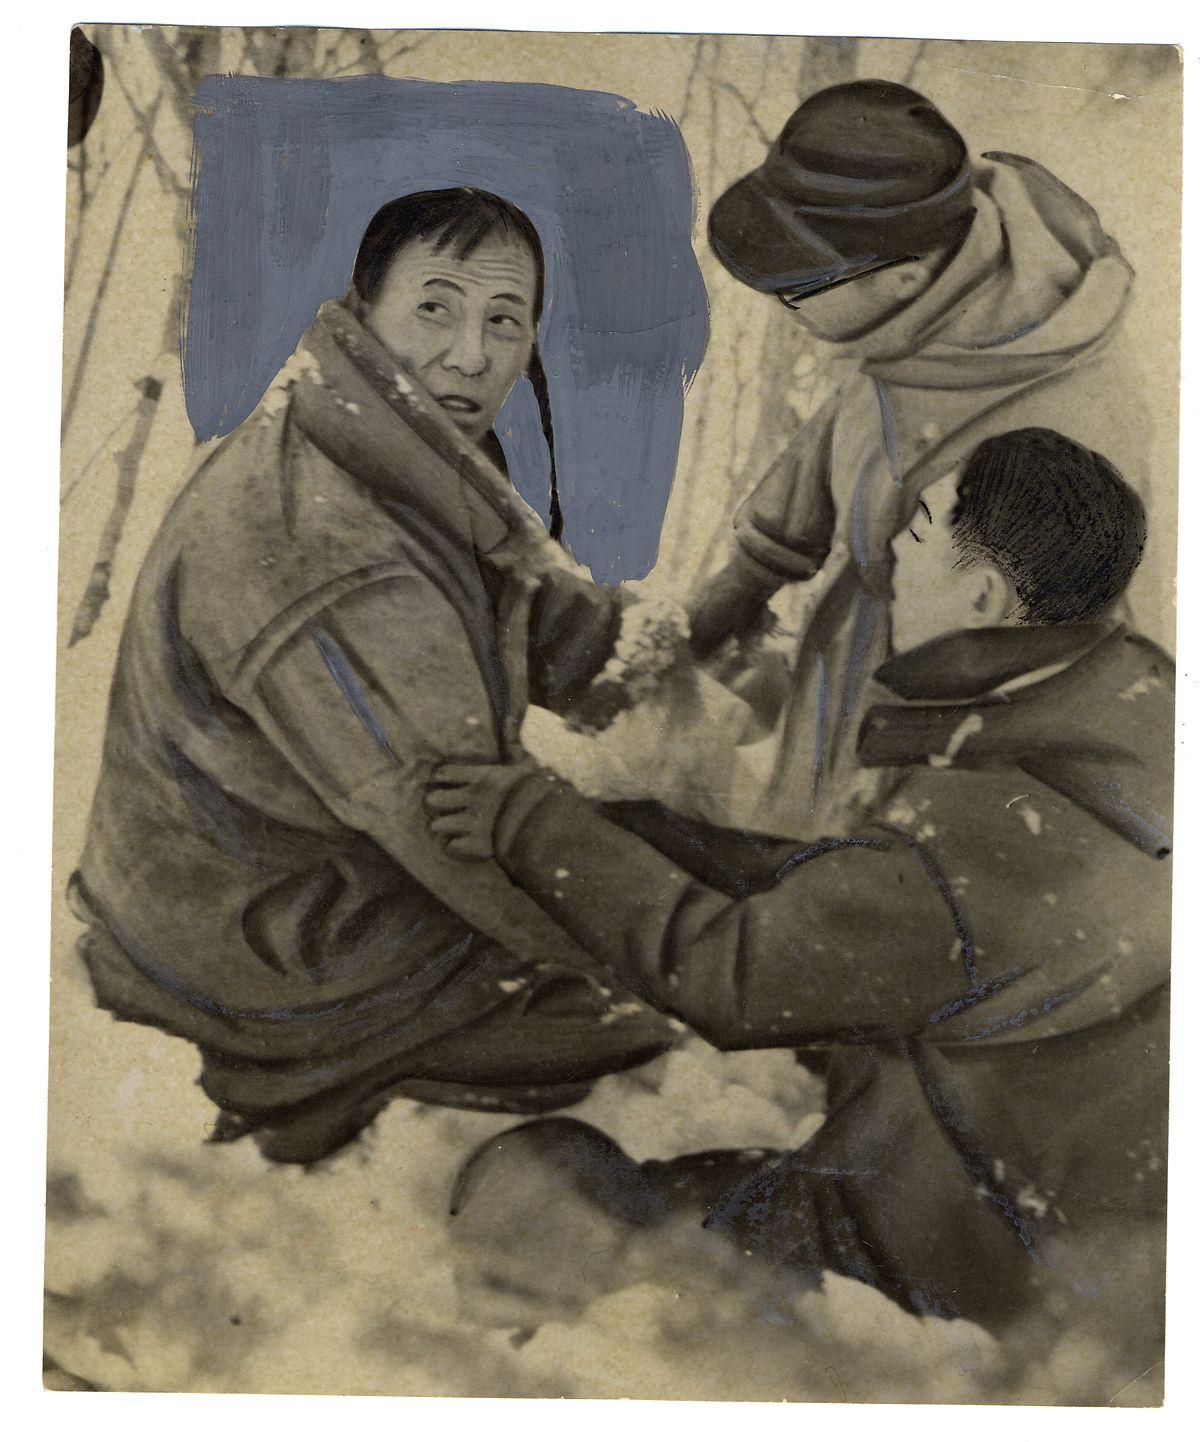 写真・図版 : 北海道の山の穴にこもって生活していた劉連仁さん。1958年2月に北海道で「発見」された当時の写真とみられる